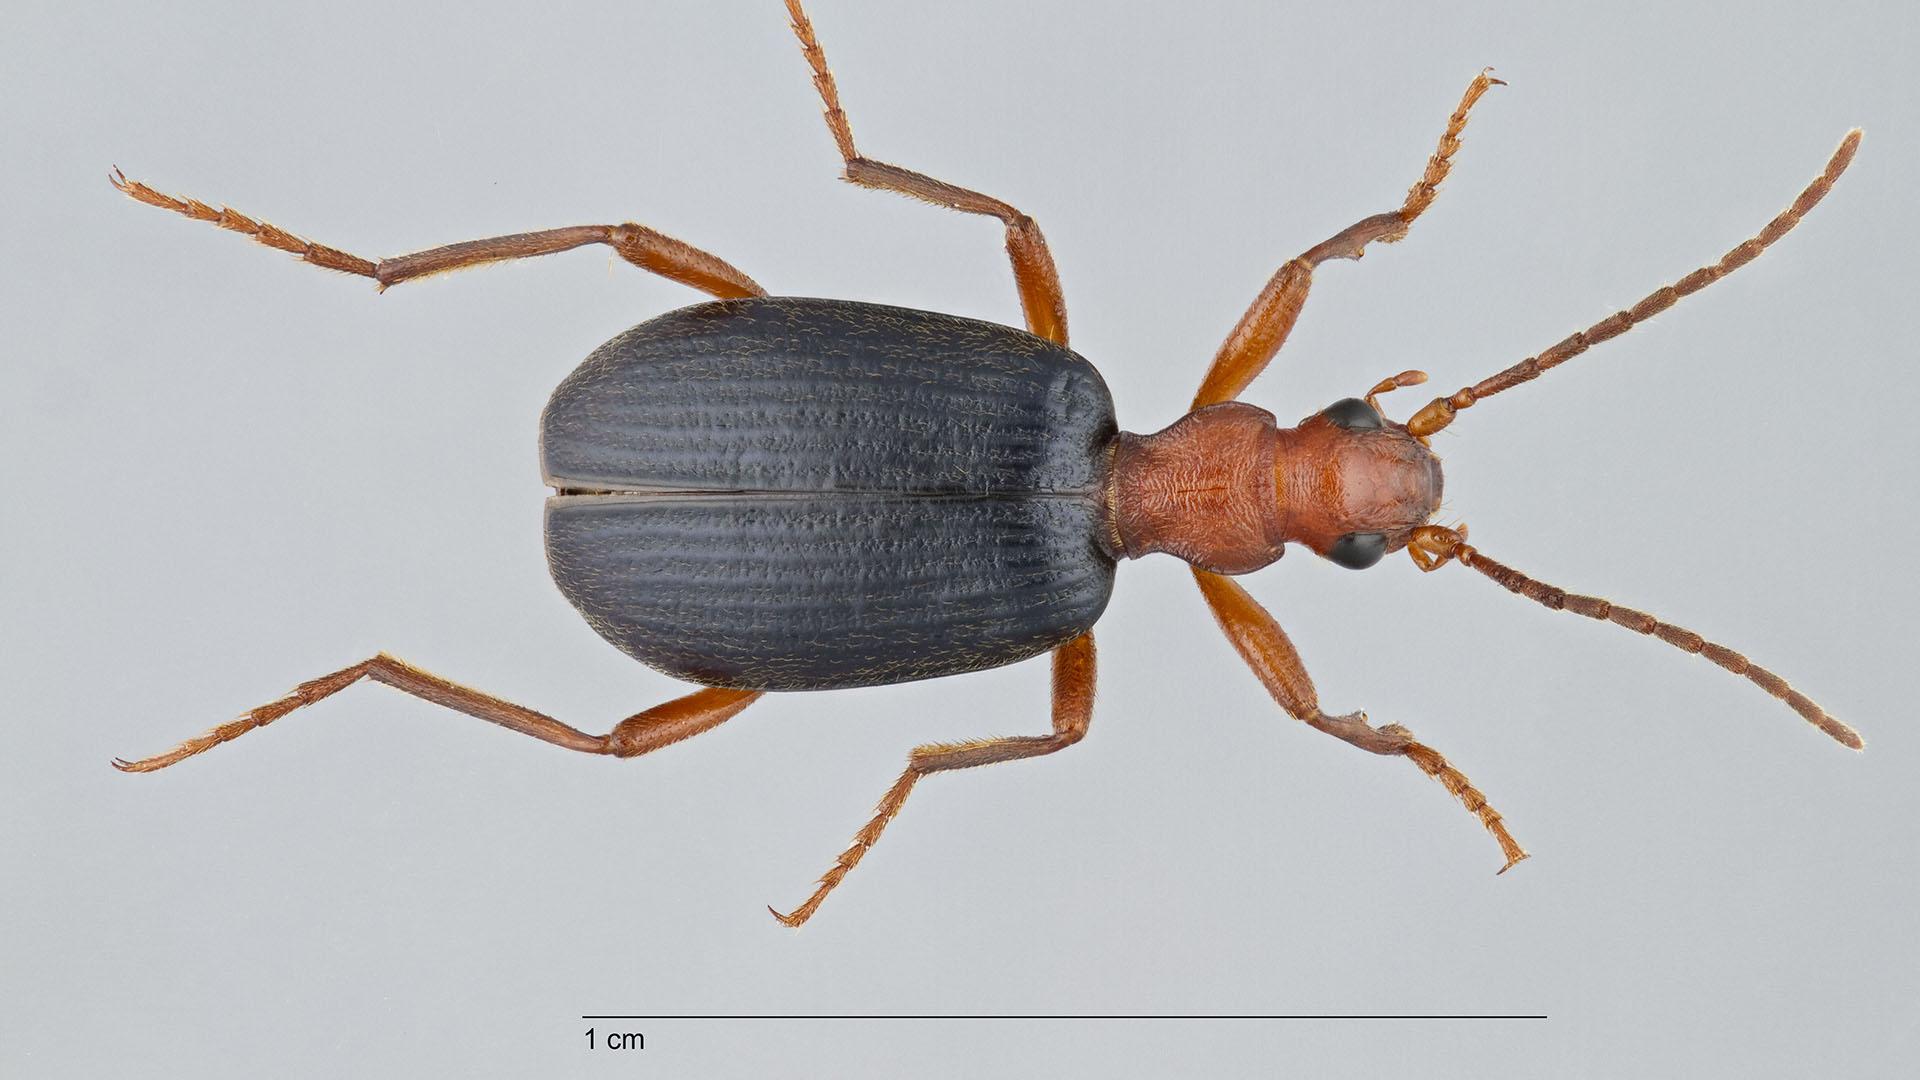 Bombardier Beetle dorsal